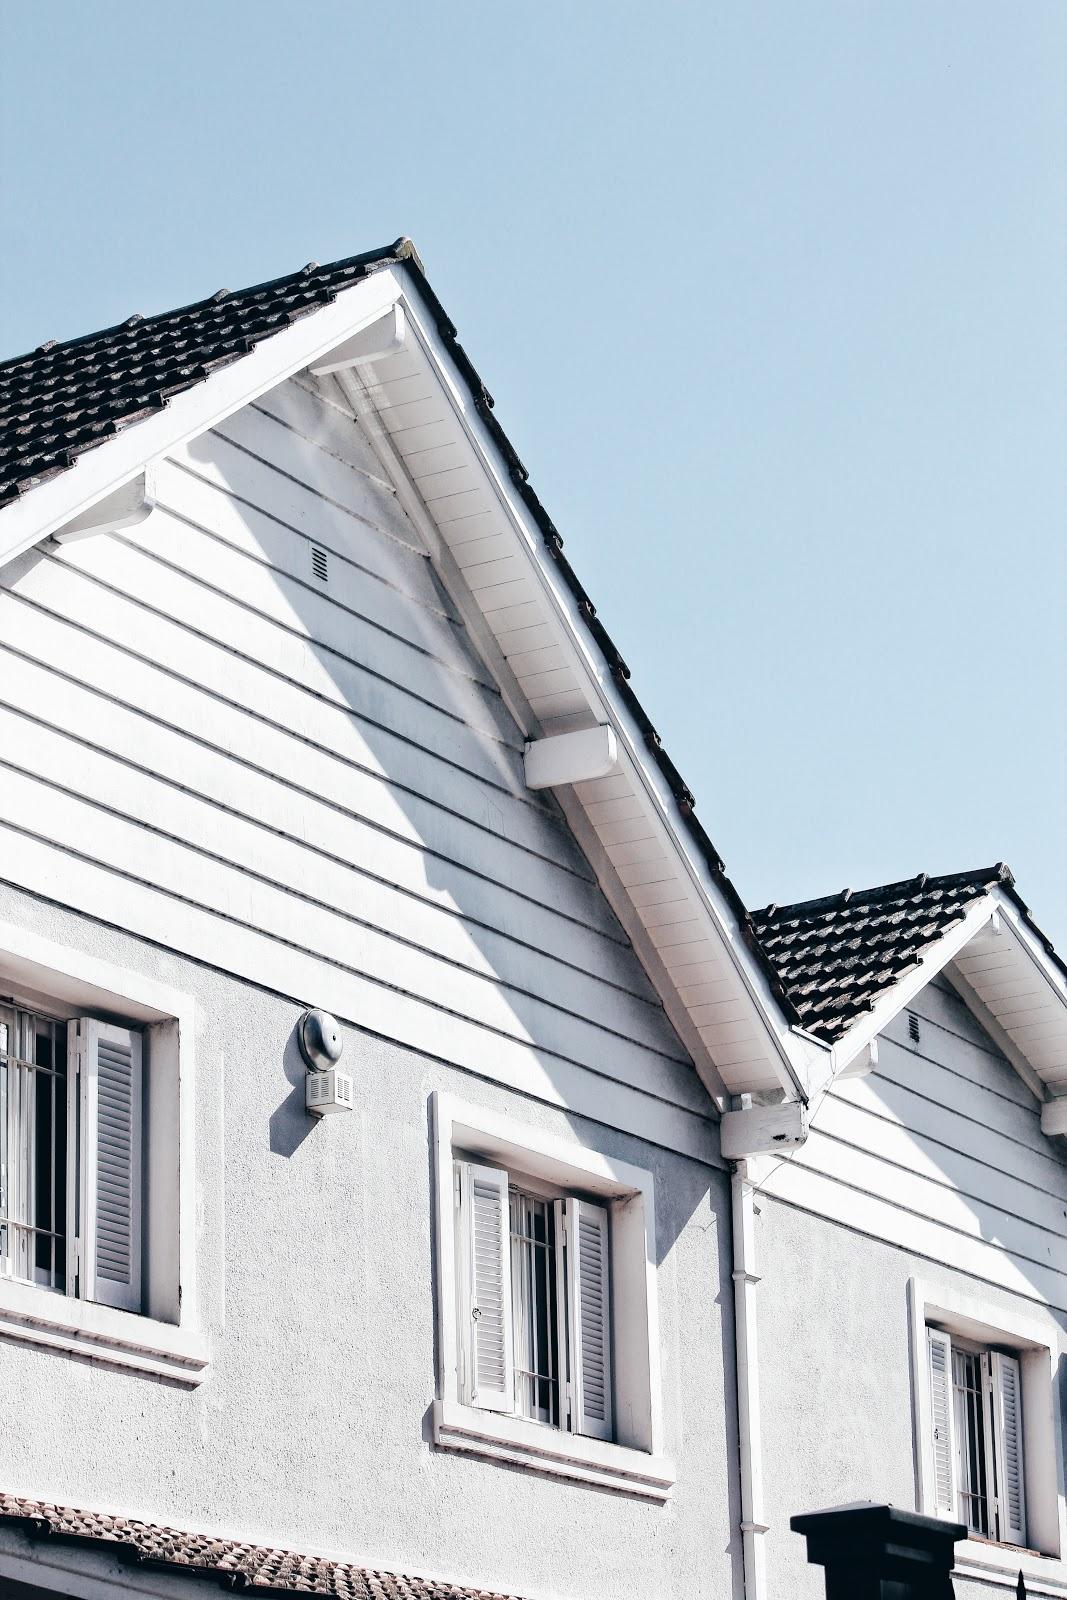 les défauts d'isolation de votre logement